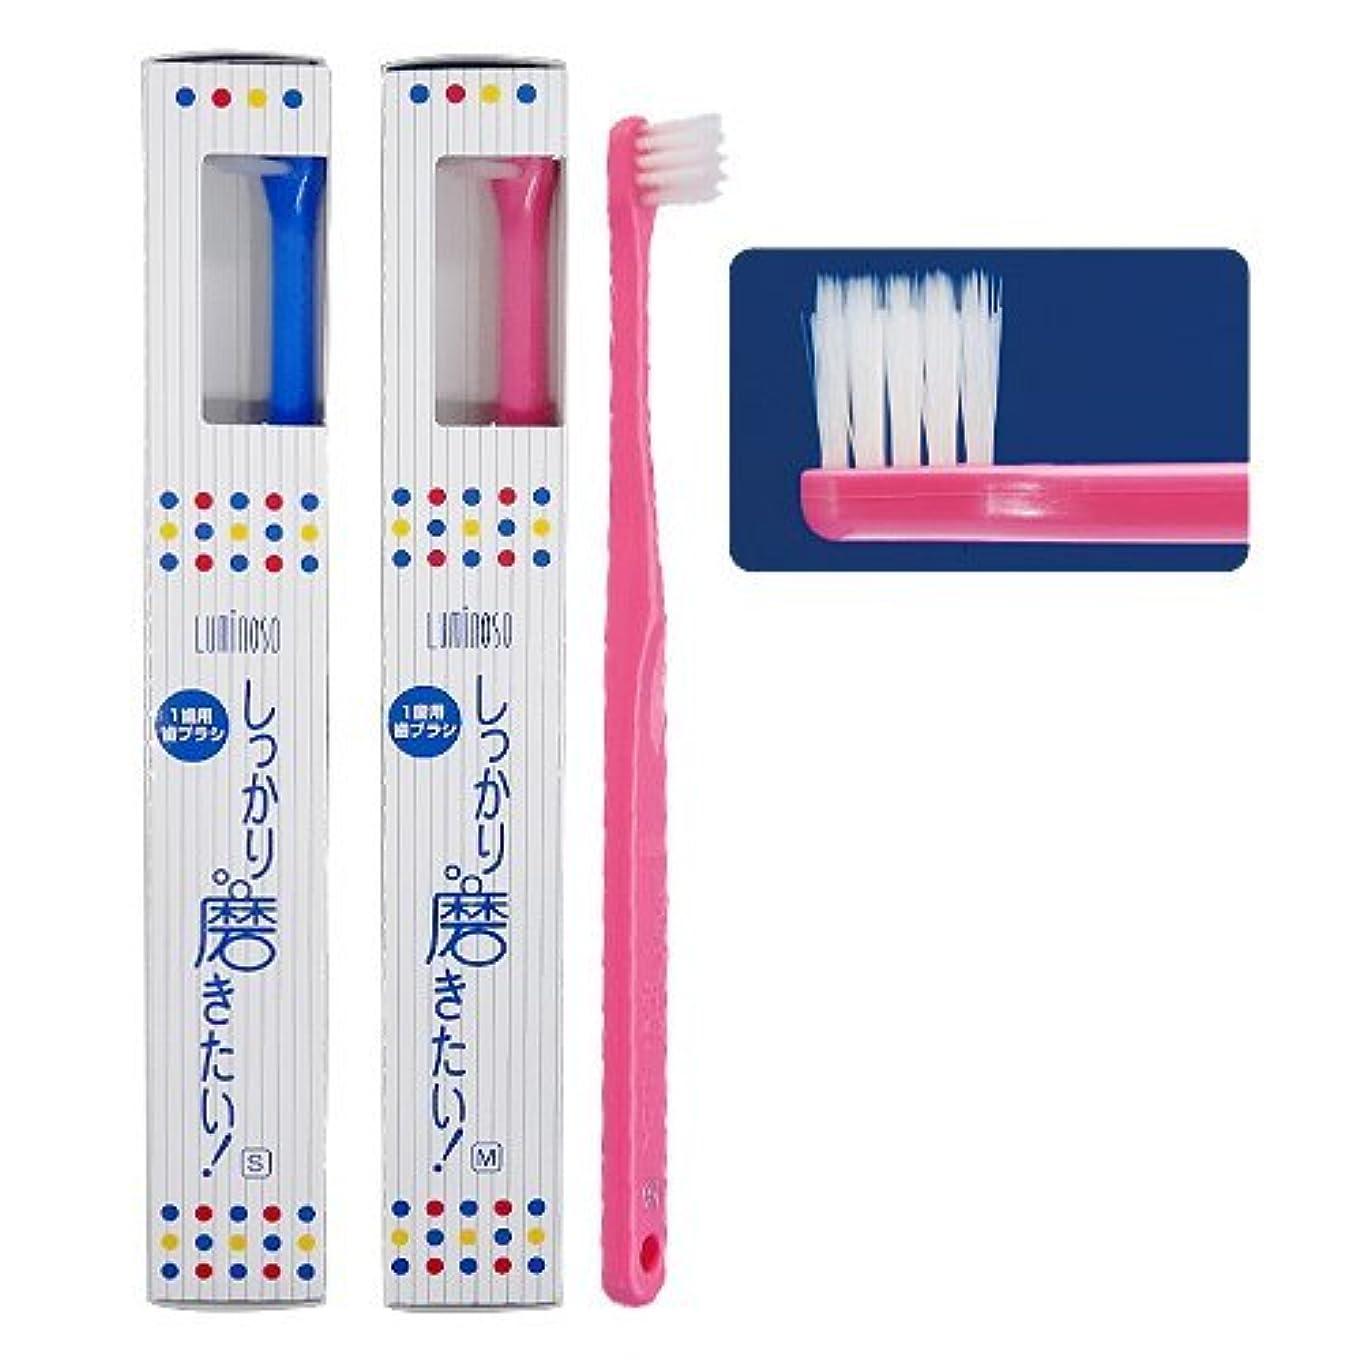 機知に富んだキャンドル要件ルミノソ 1歯用歯ブラシ「しっかり磨きたい!」スタンダード ミディアム (カラー指定不可) 5本